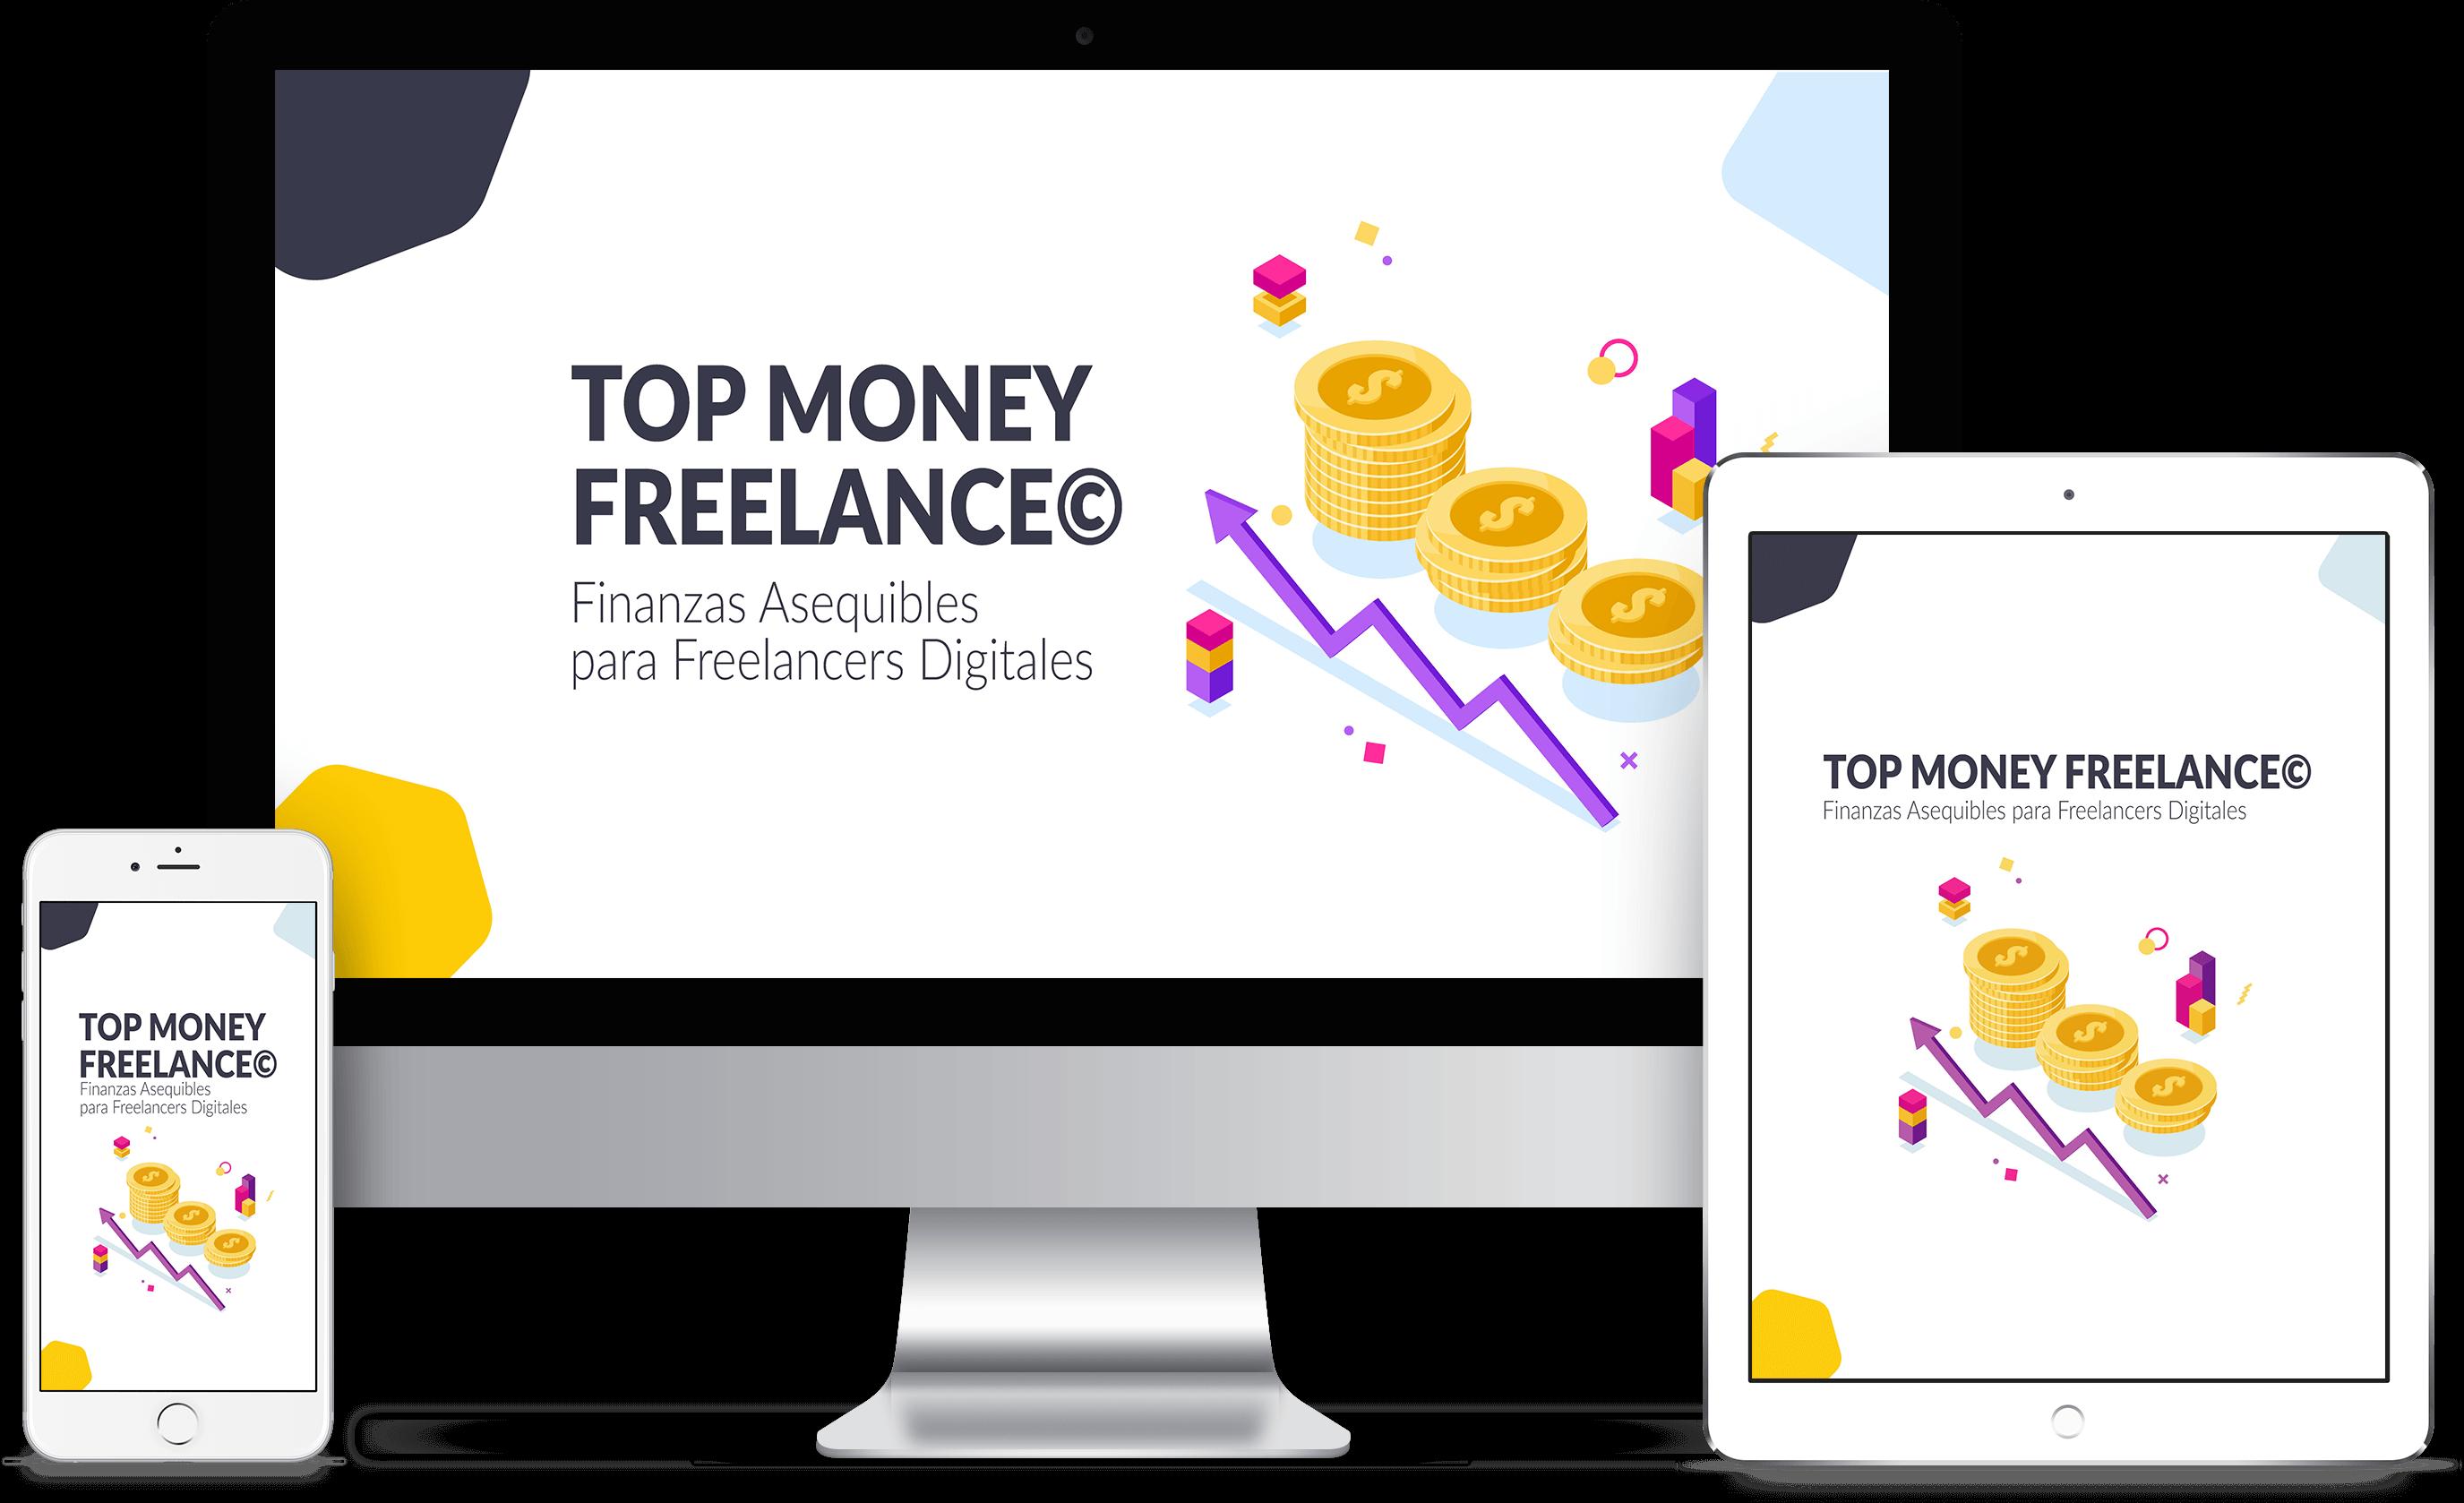 Top_Money_ Freelance